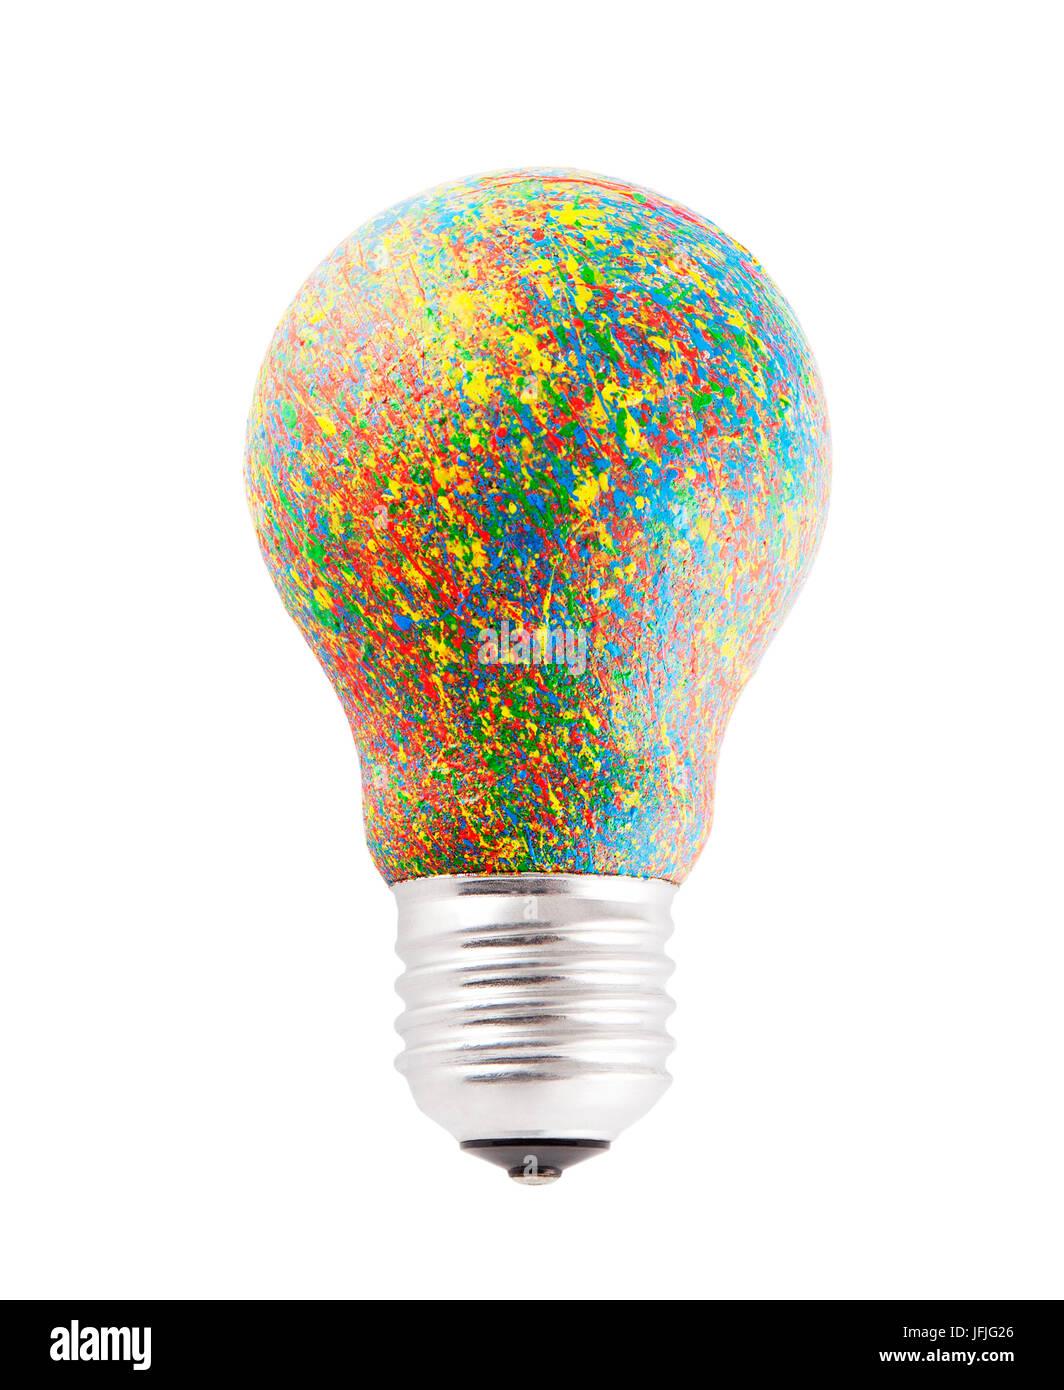 Peint en couleur de l'ampoule avec clipping path Photo Stock